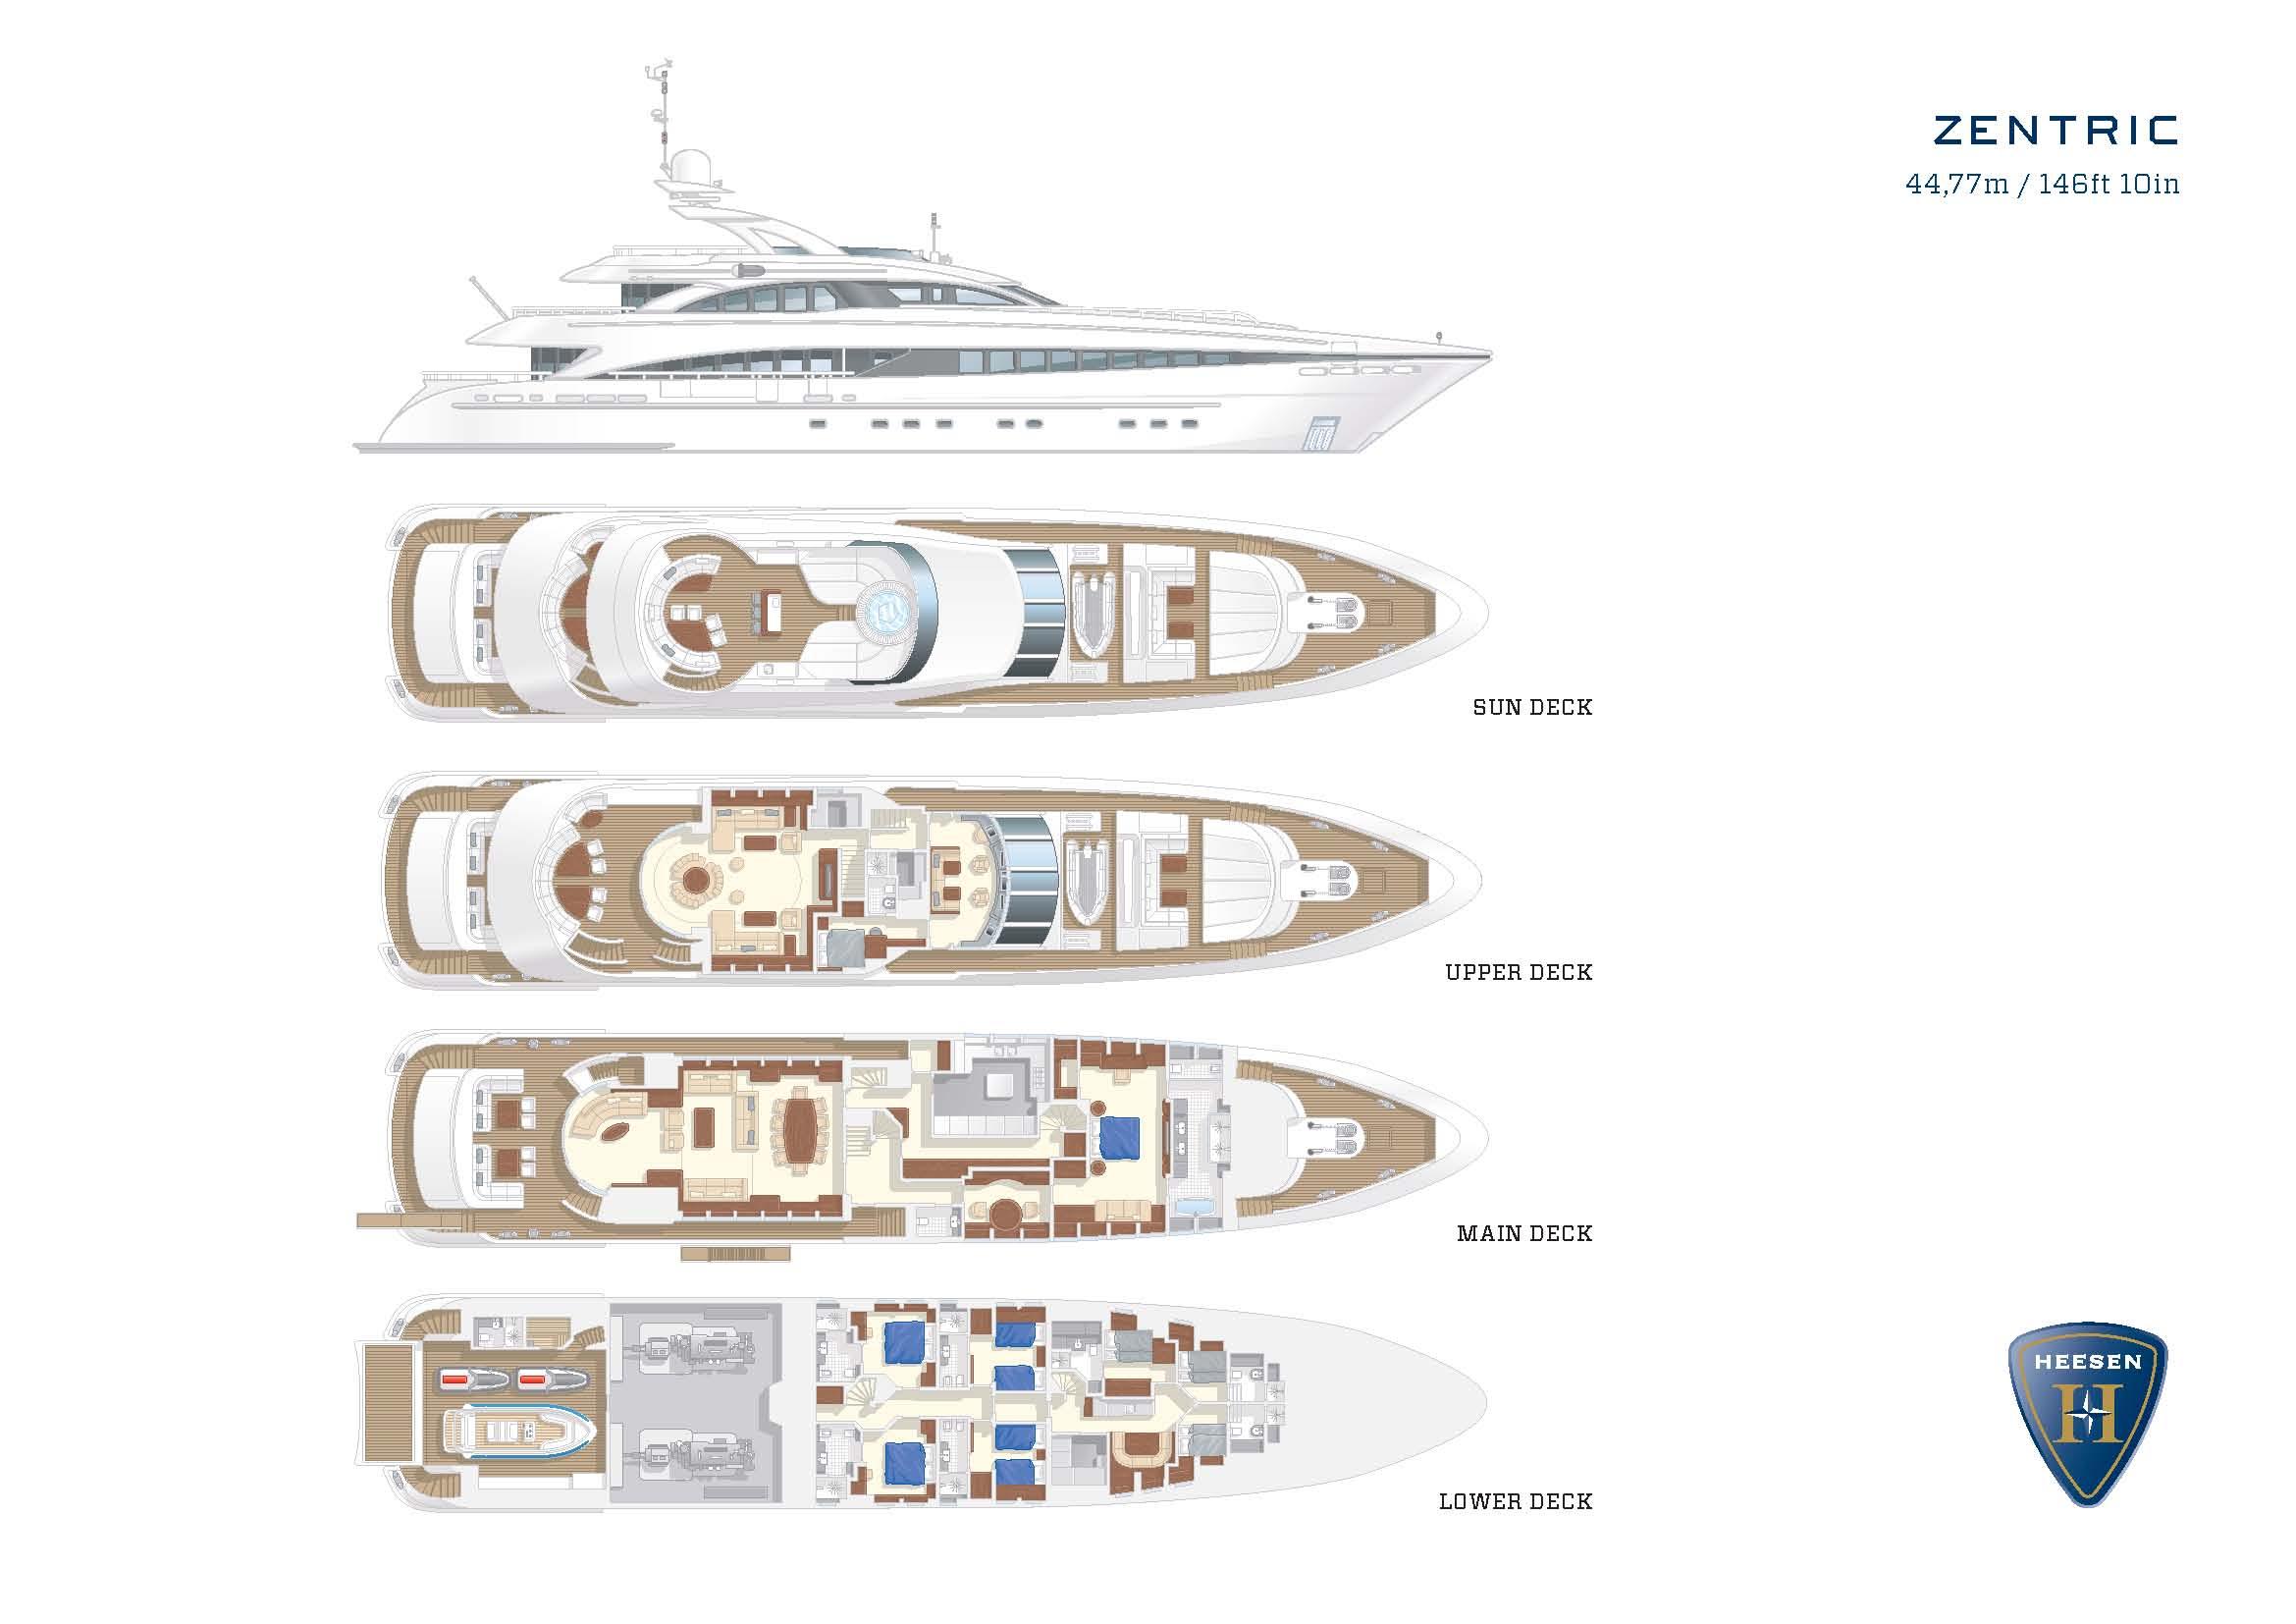 Heesen Motor Yacht ZENTRIC Plans Charter